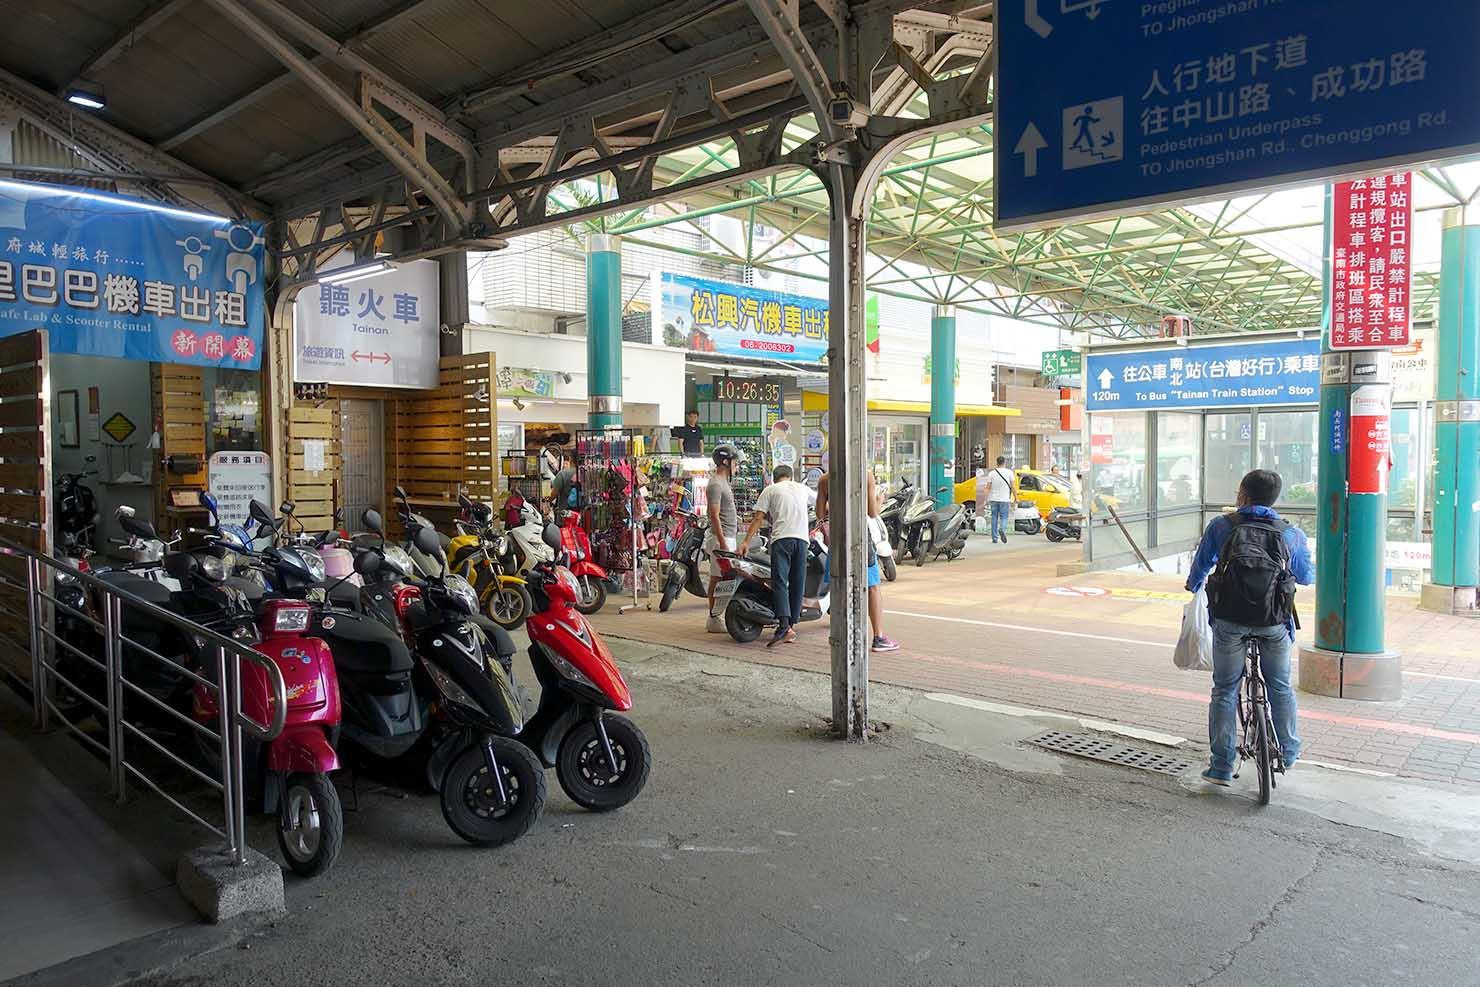 台鐵台南駅前のスクーターレンタル店